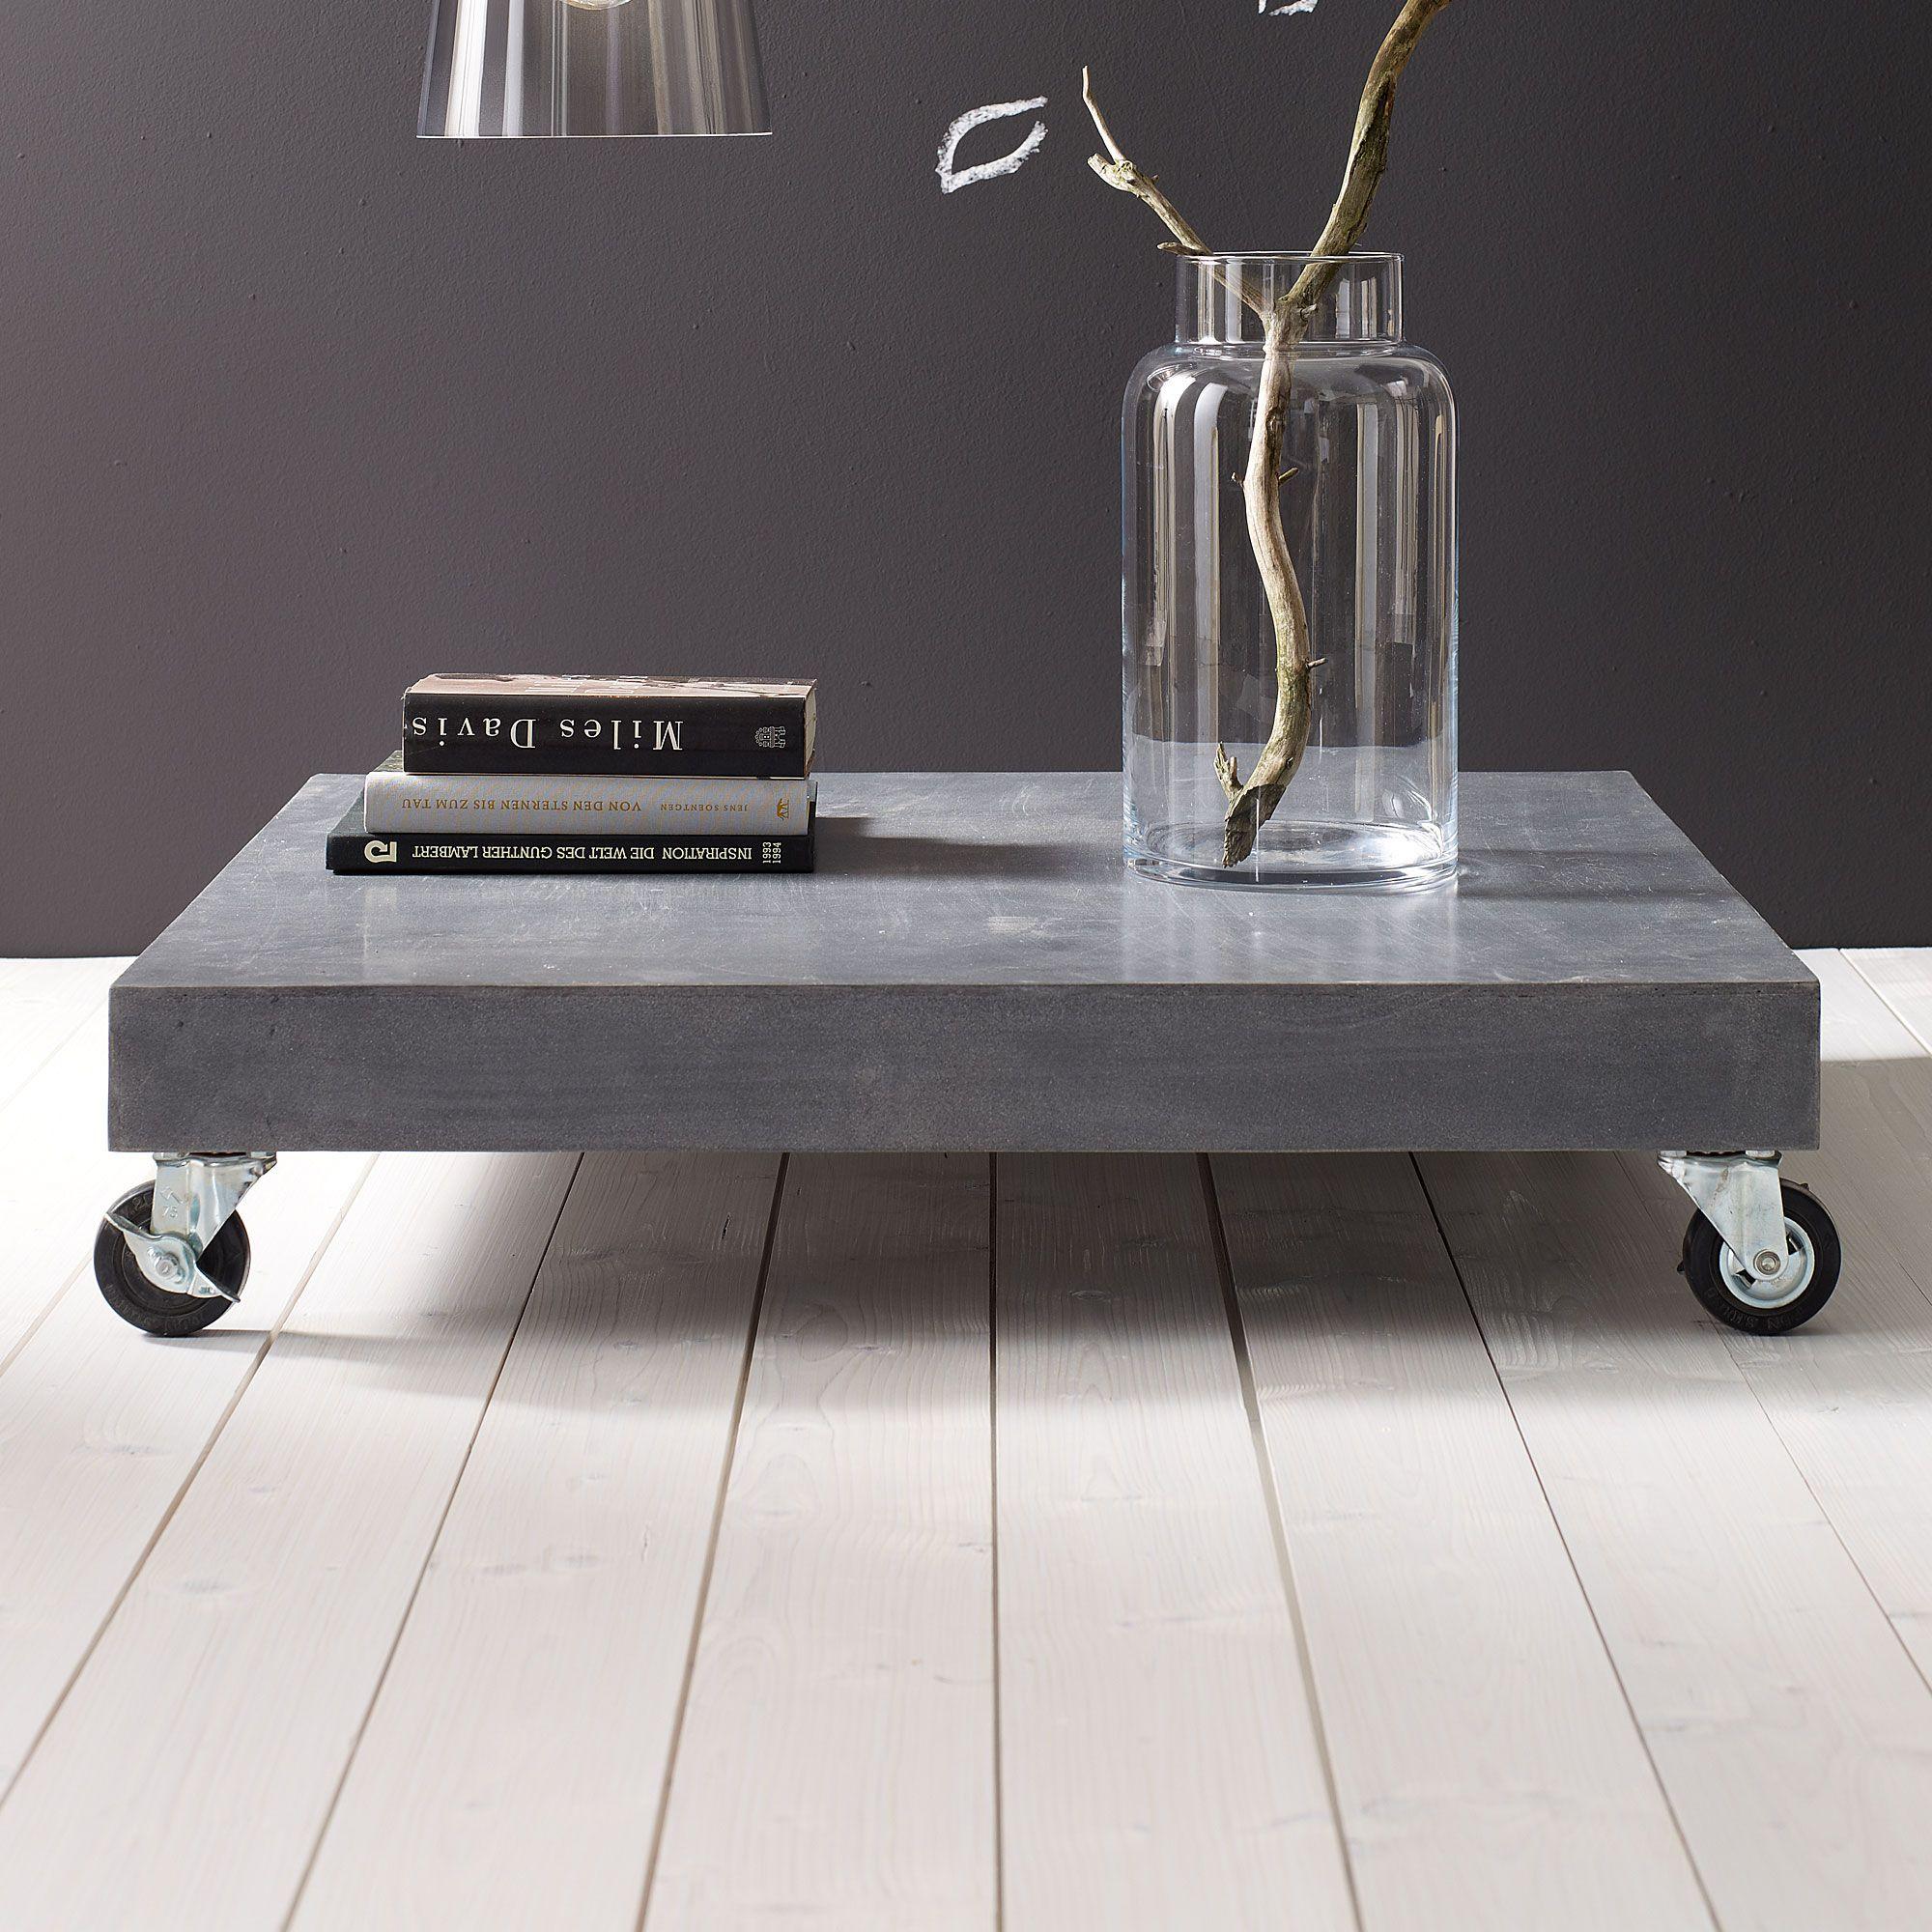 Couchtisch in grau impressionen living concrete for Couchtisch impressionen